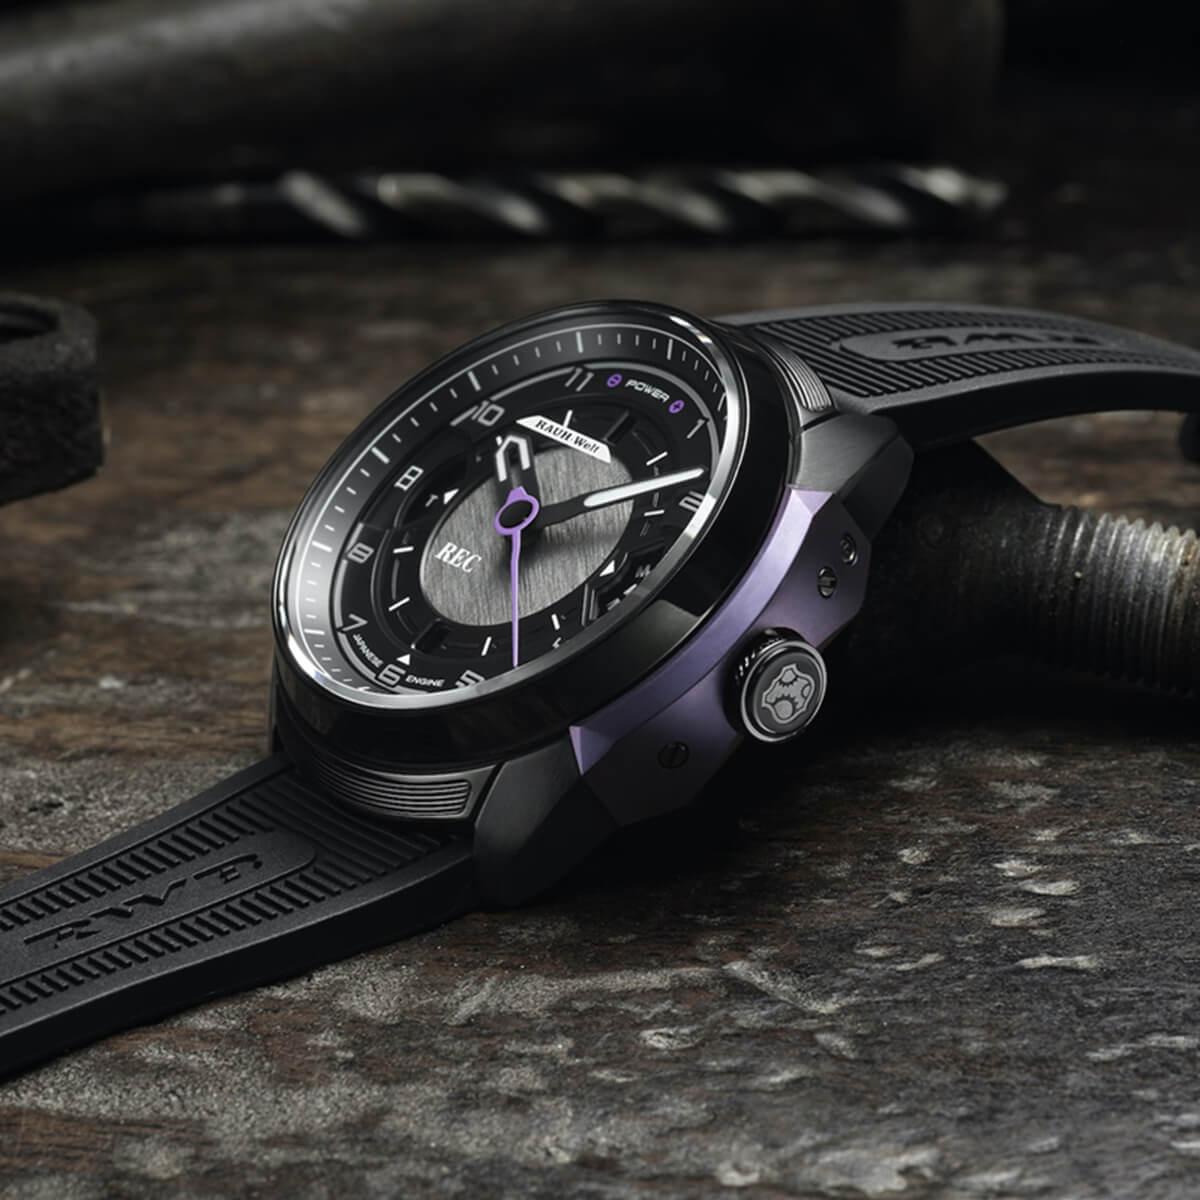 REC-Watches-RWB-901-Rotana-1.jpg